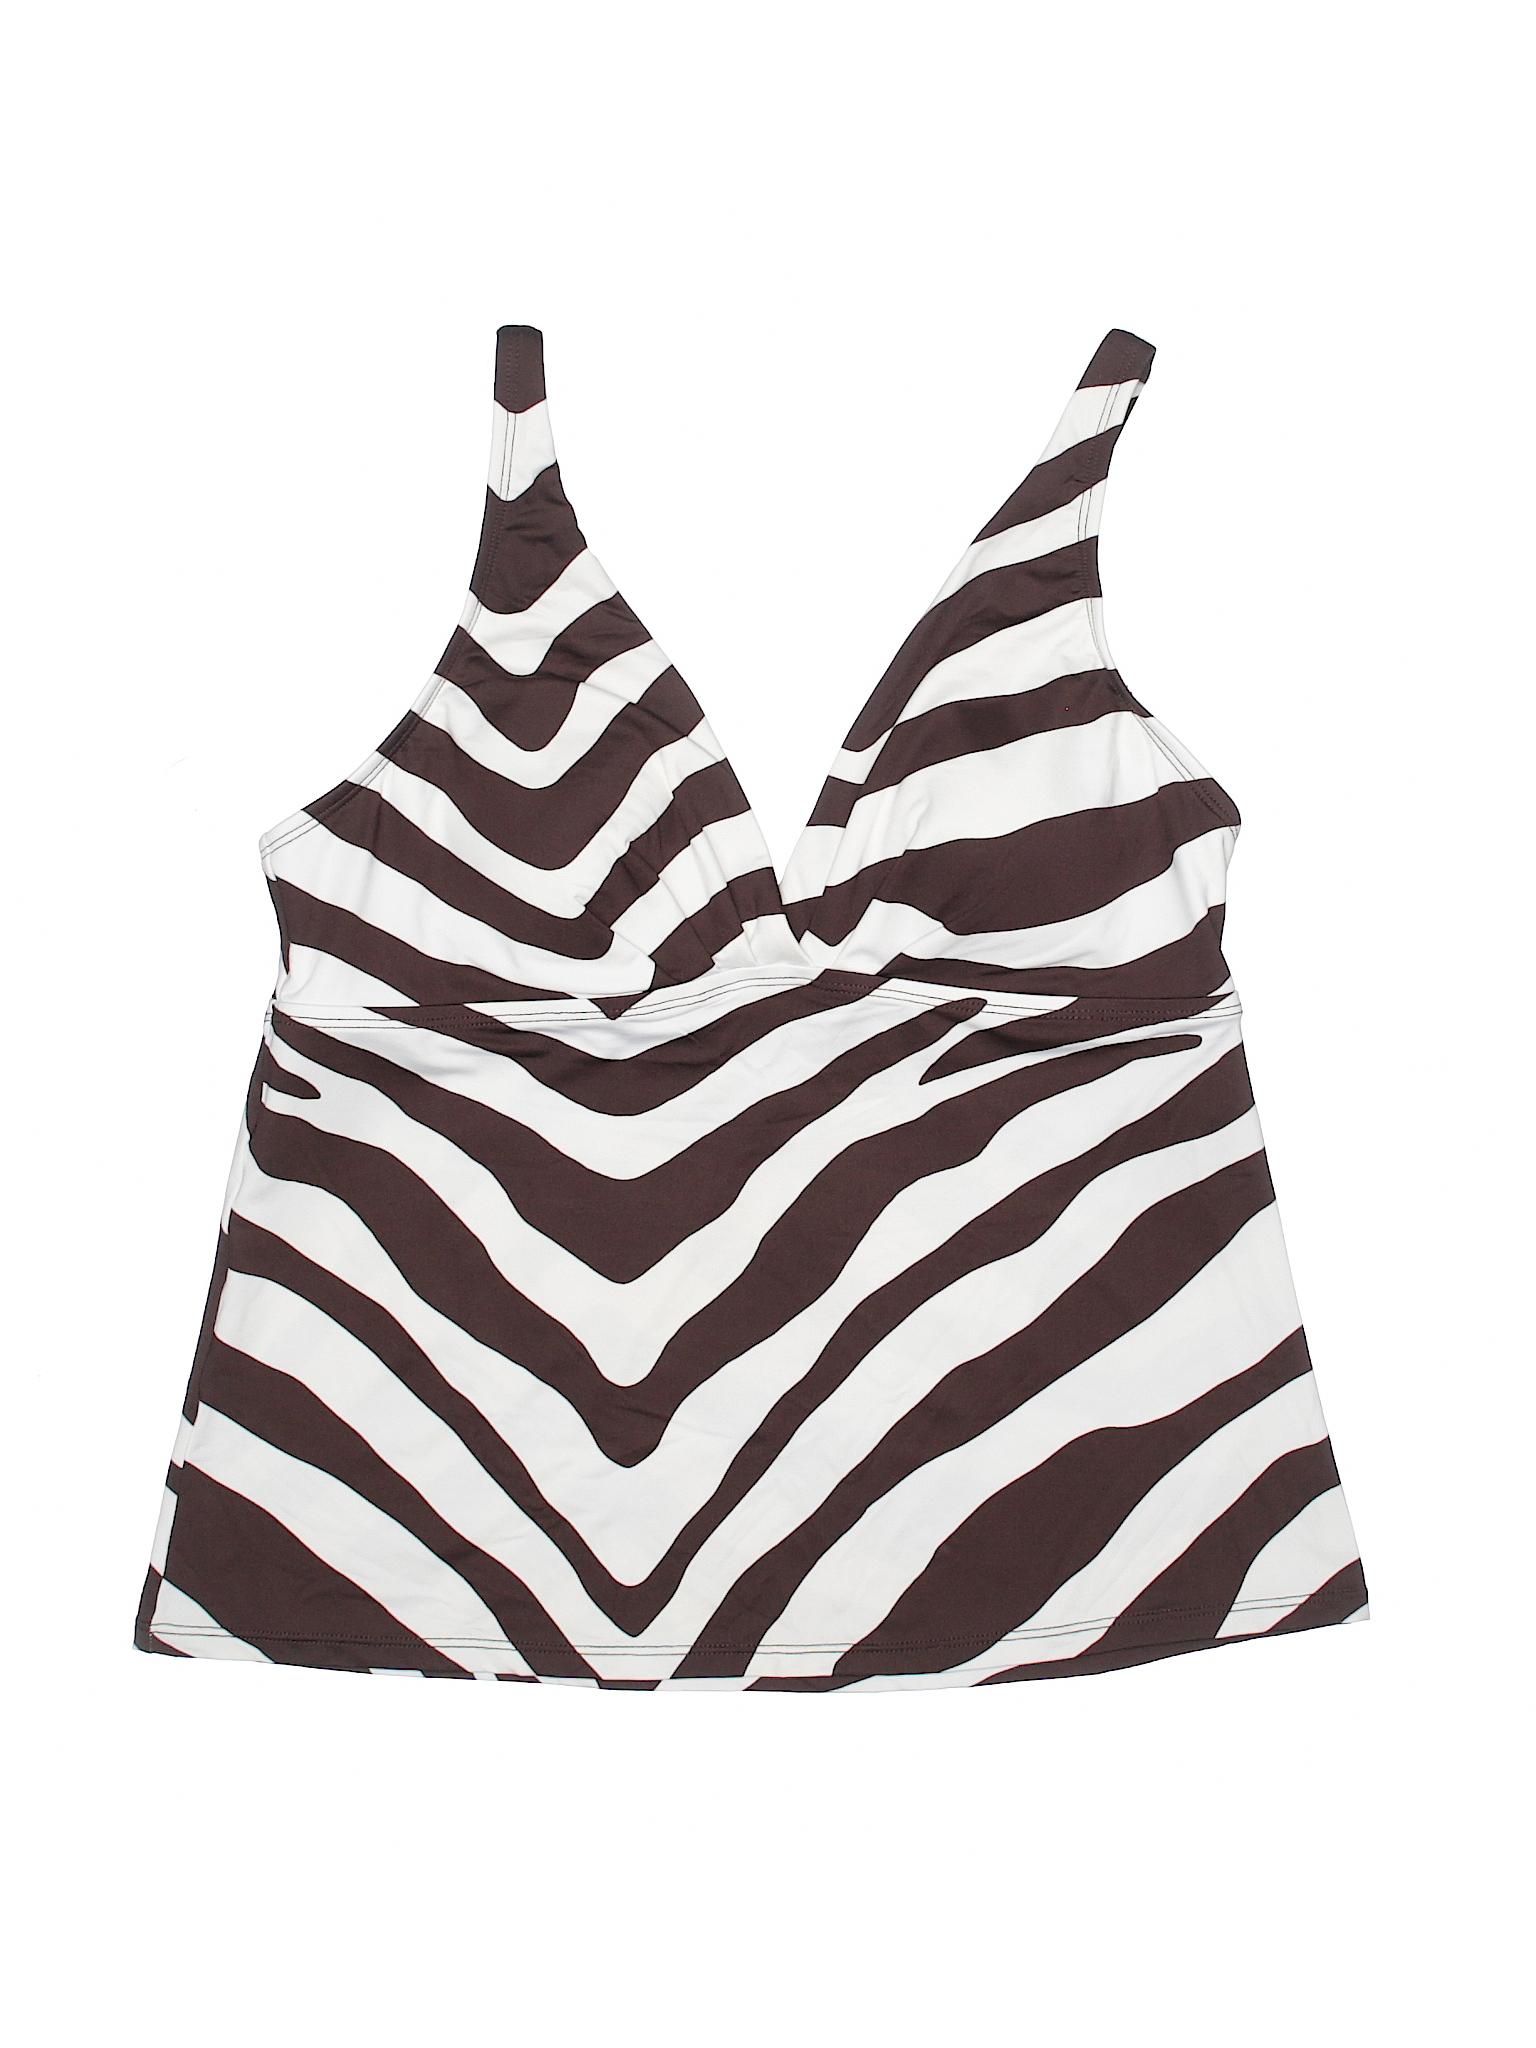 Swimsuit Top Buchman Dana Boutique Boutique Dana IBOwPWqS